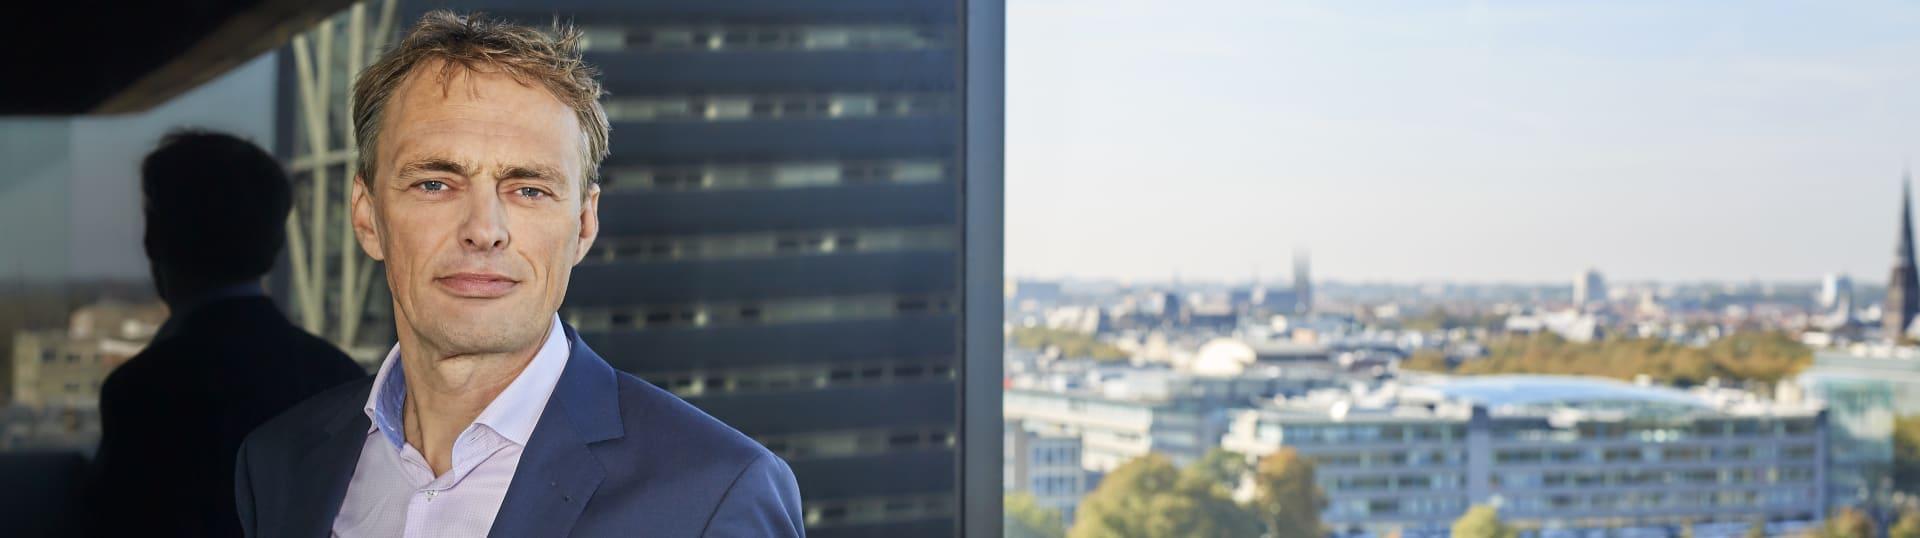 Jeroen Langbroek, advocaat Pels Rijcken